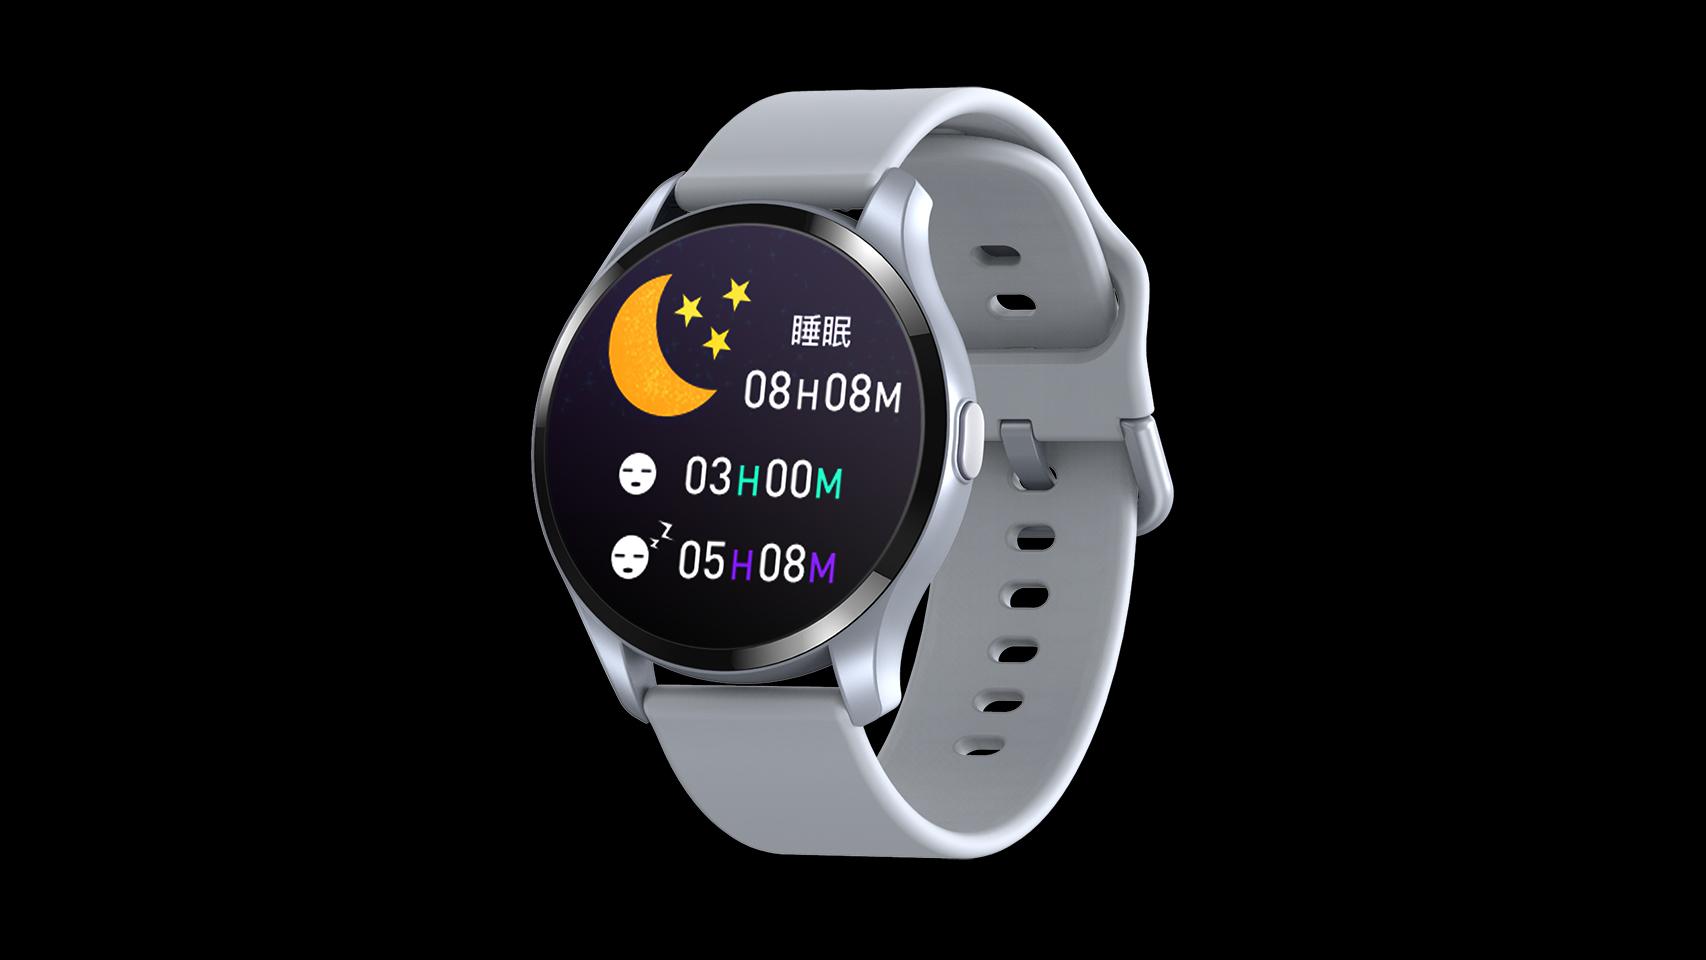 最新体温温度計のパルスラウンドタッチスクリーンスマートウォッチSmart Watch T88